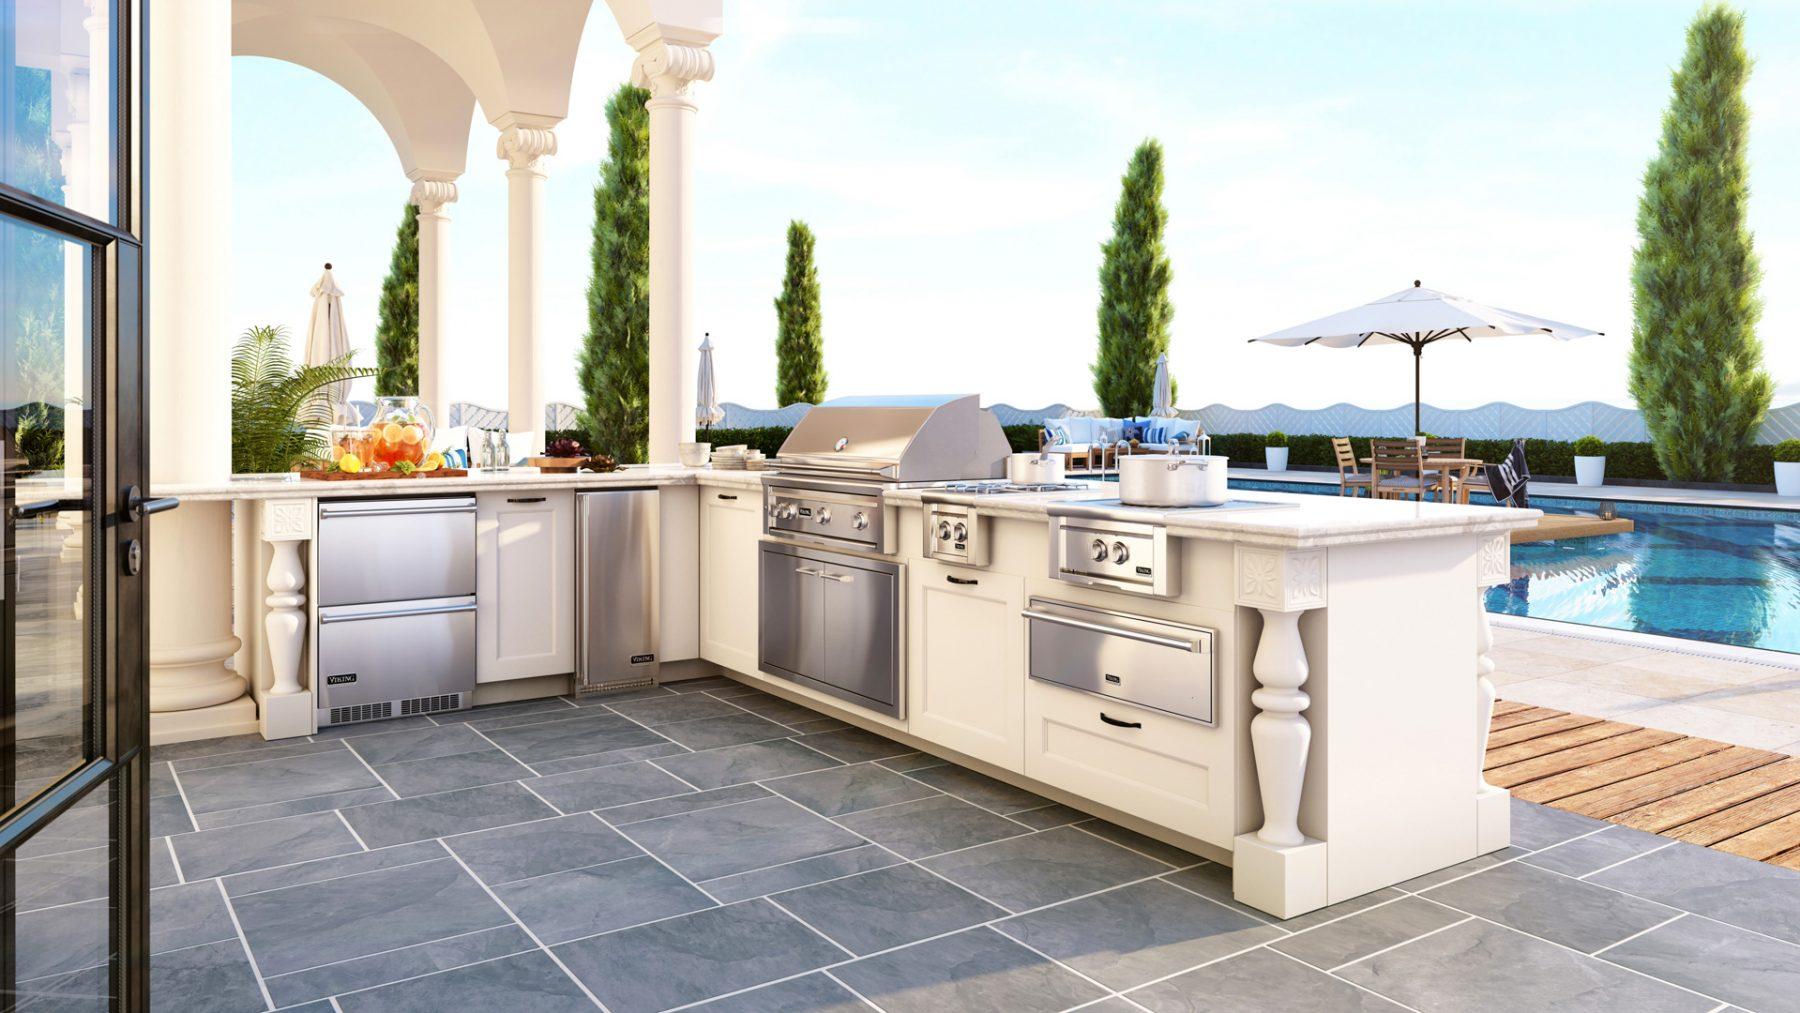 previz-firm-outdoor-kitchen-poolside